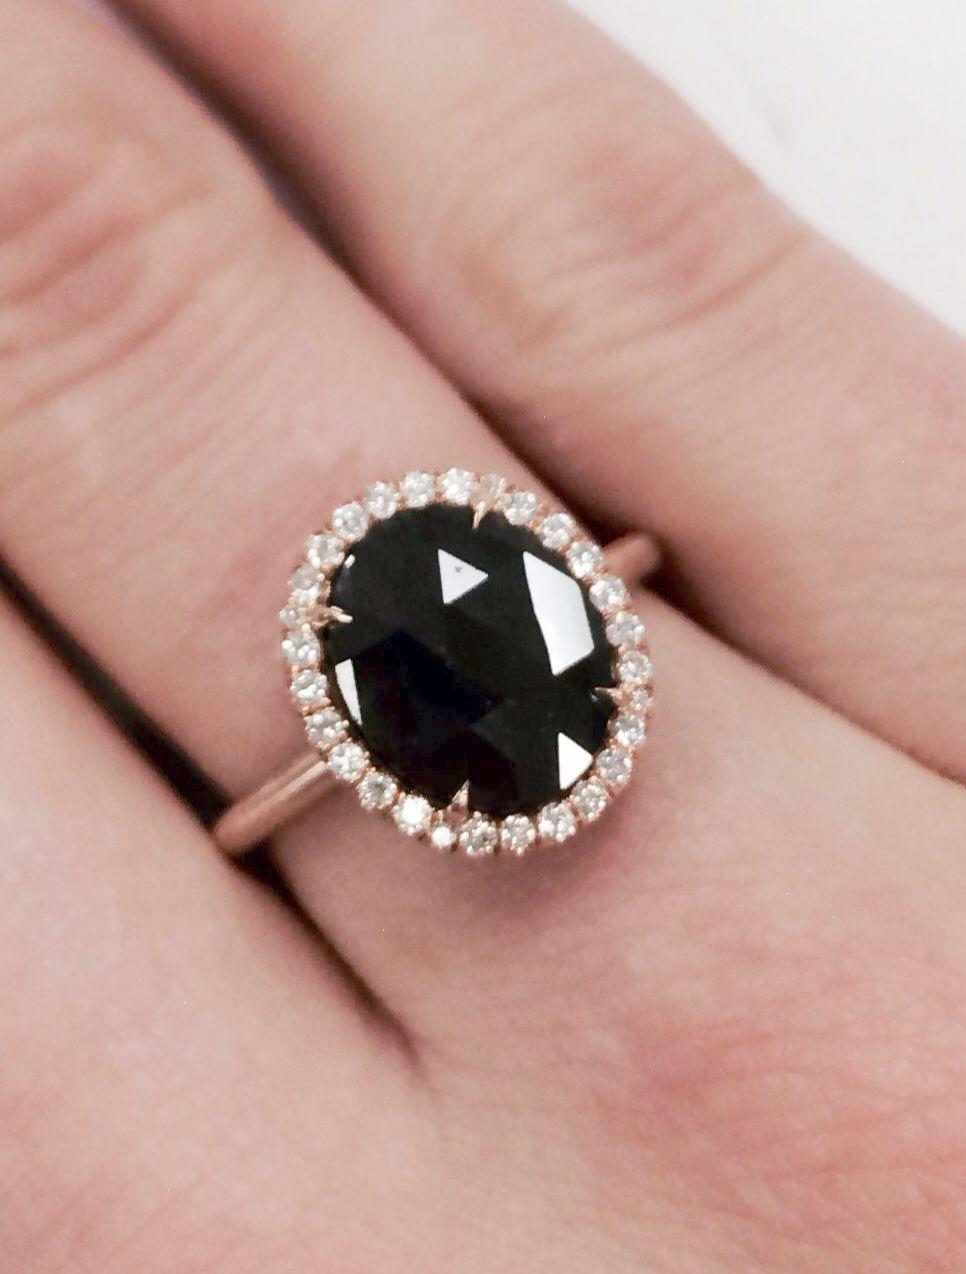 Cool - White Gold Diamond Rings Under $200 | Lovely Diamond Rings ...